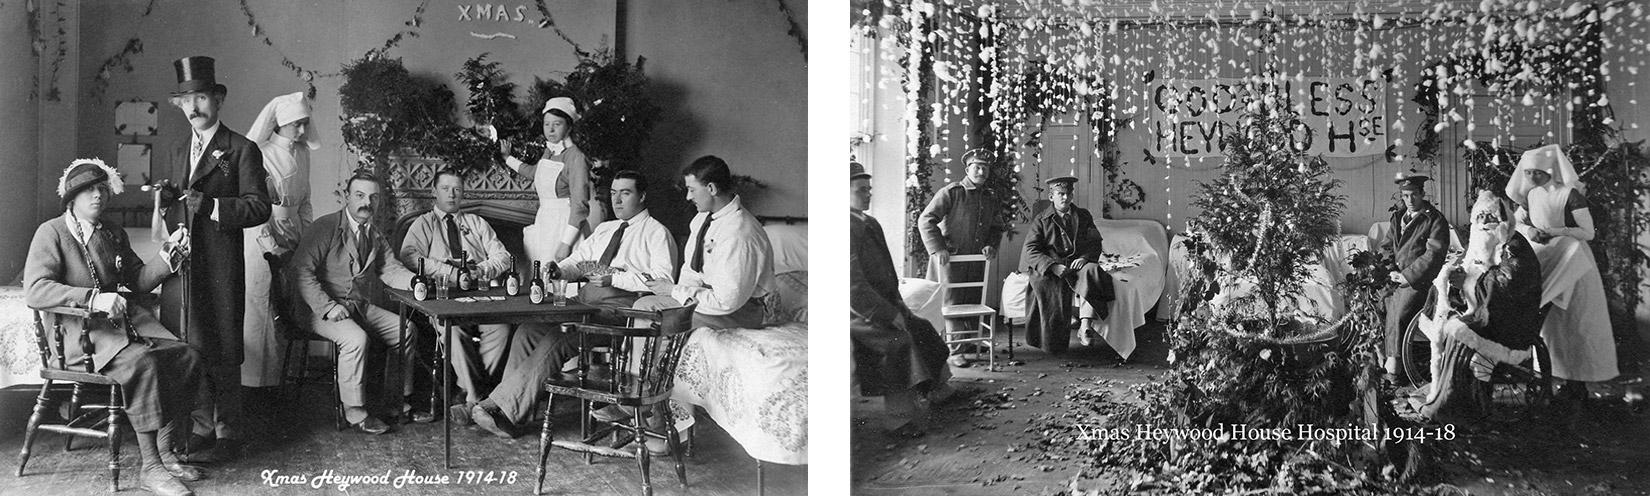 Christmas 1917